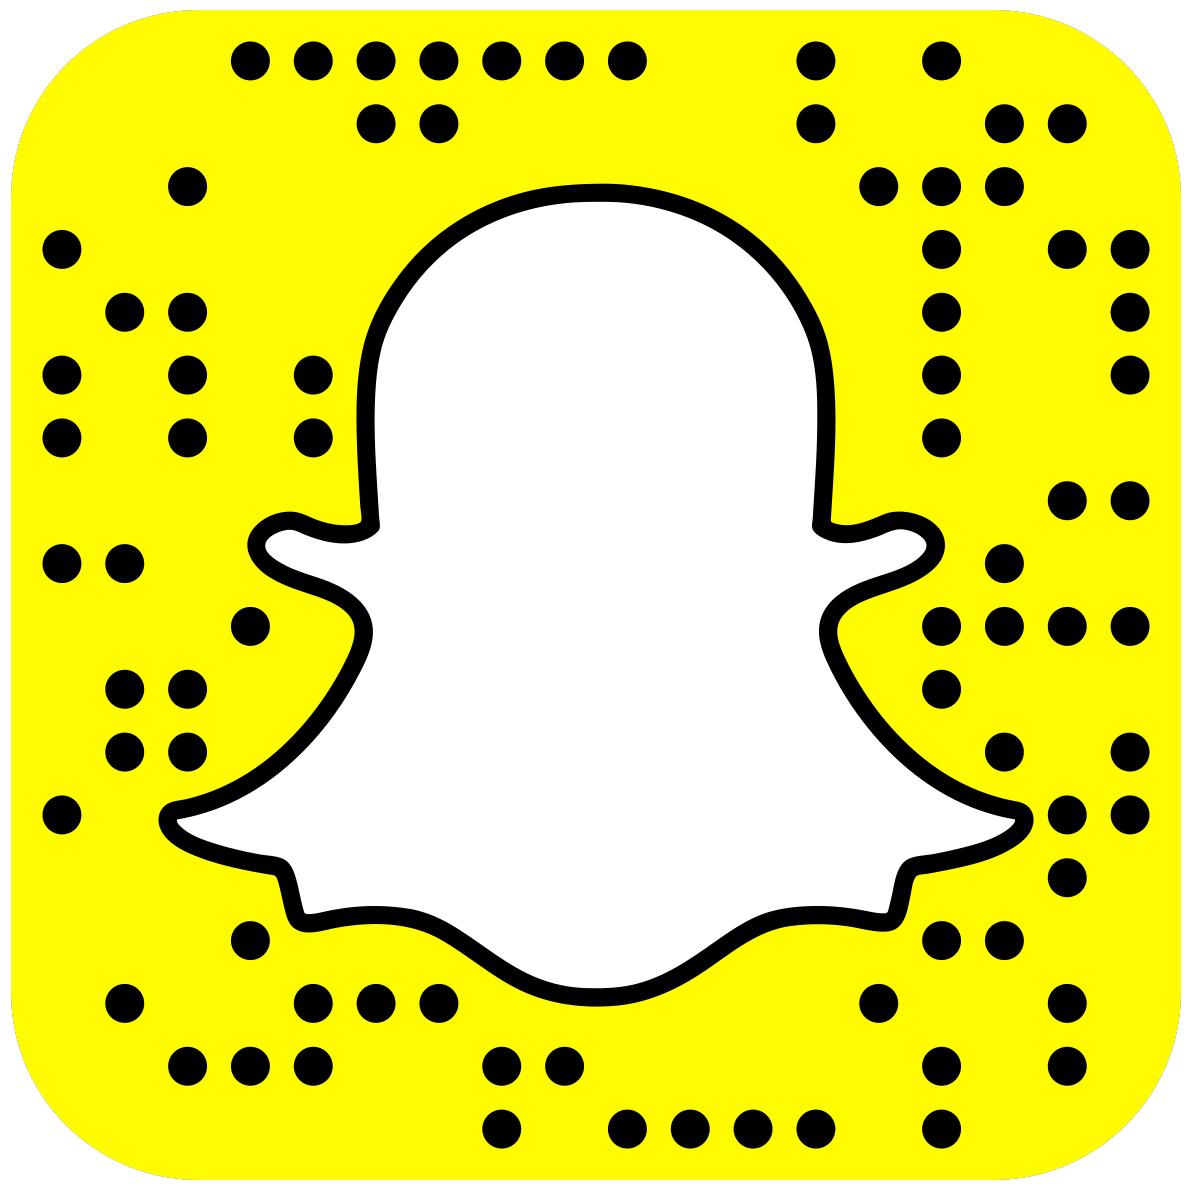 Steve-O Snapchat username